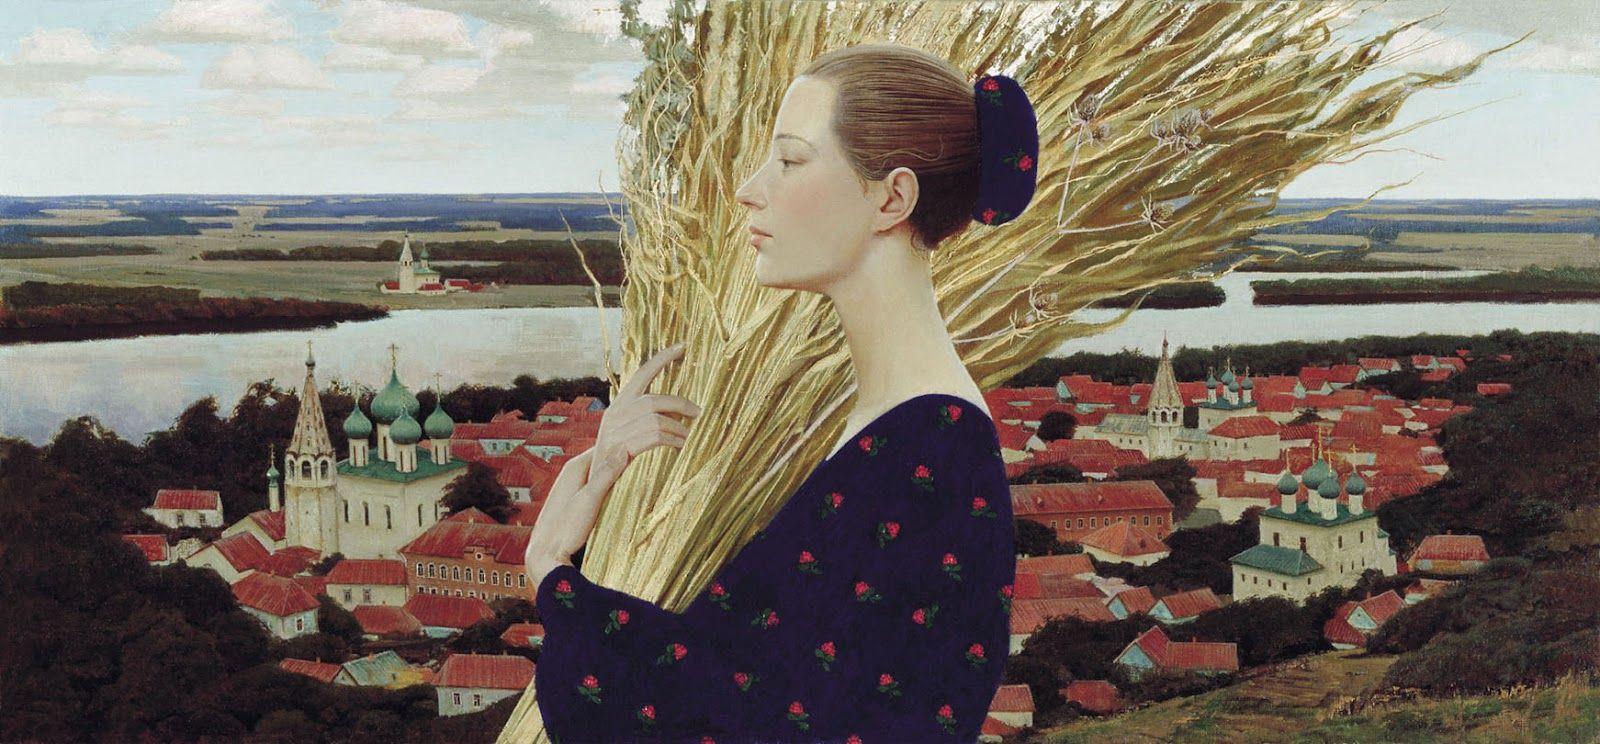 Andrey Remnev - Contemporary Artist - Moscow - O Mundo da Arte